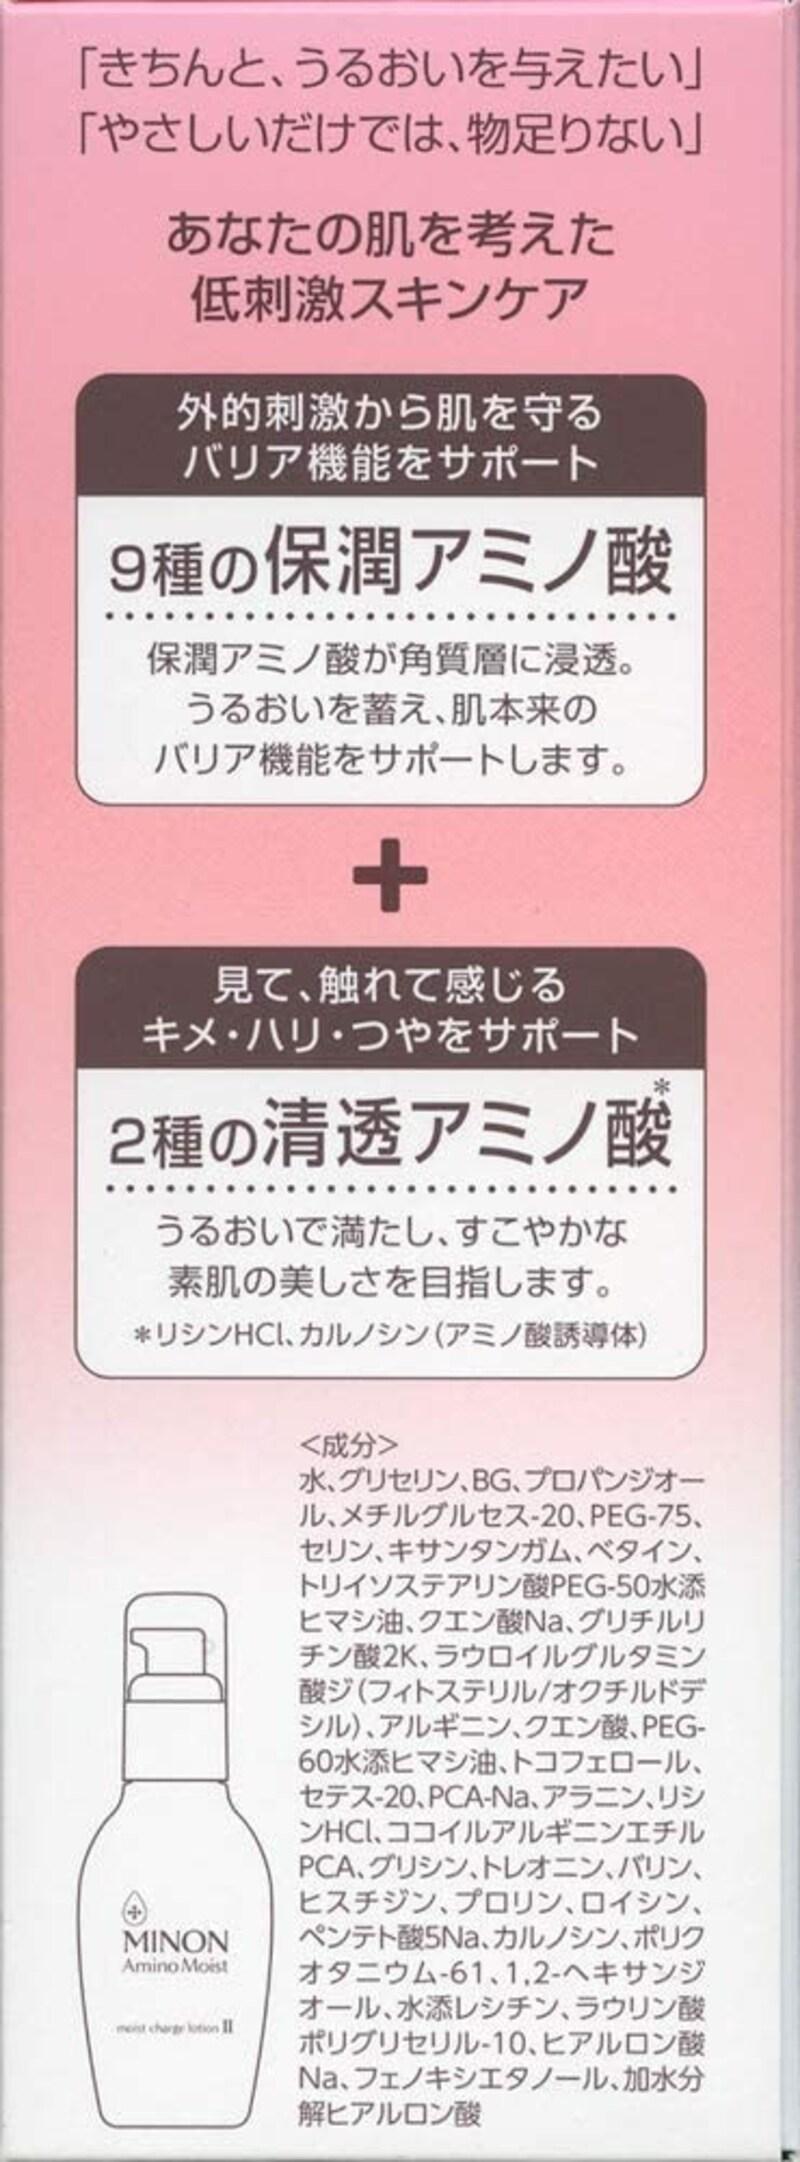 ミノン アミノモイスト,モイストチャージ ローションII(もっとしっとりタイプ)